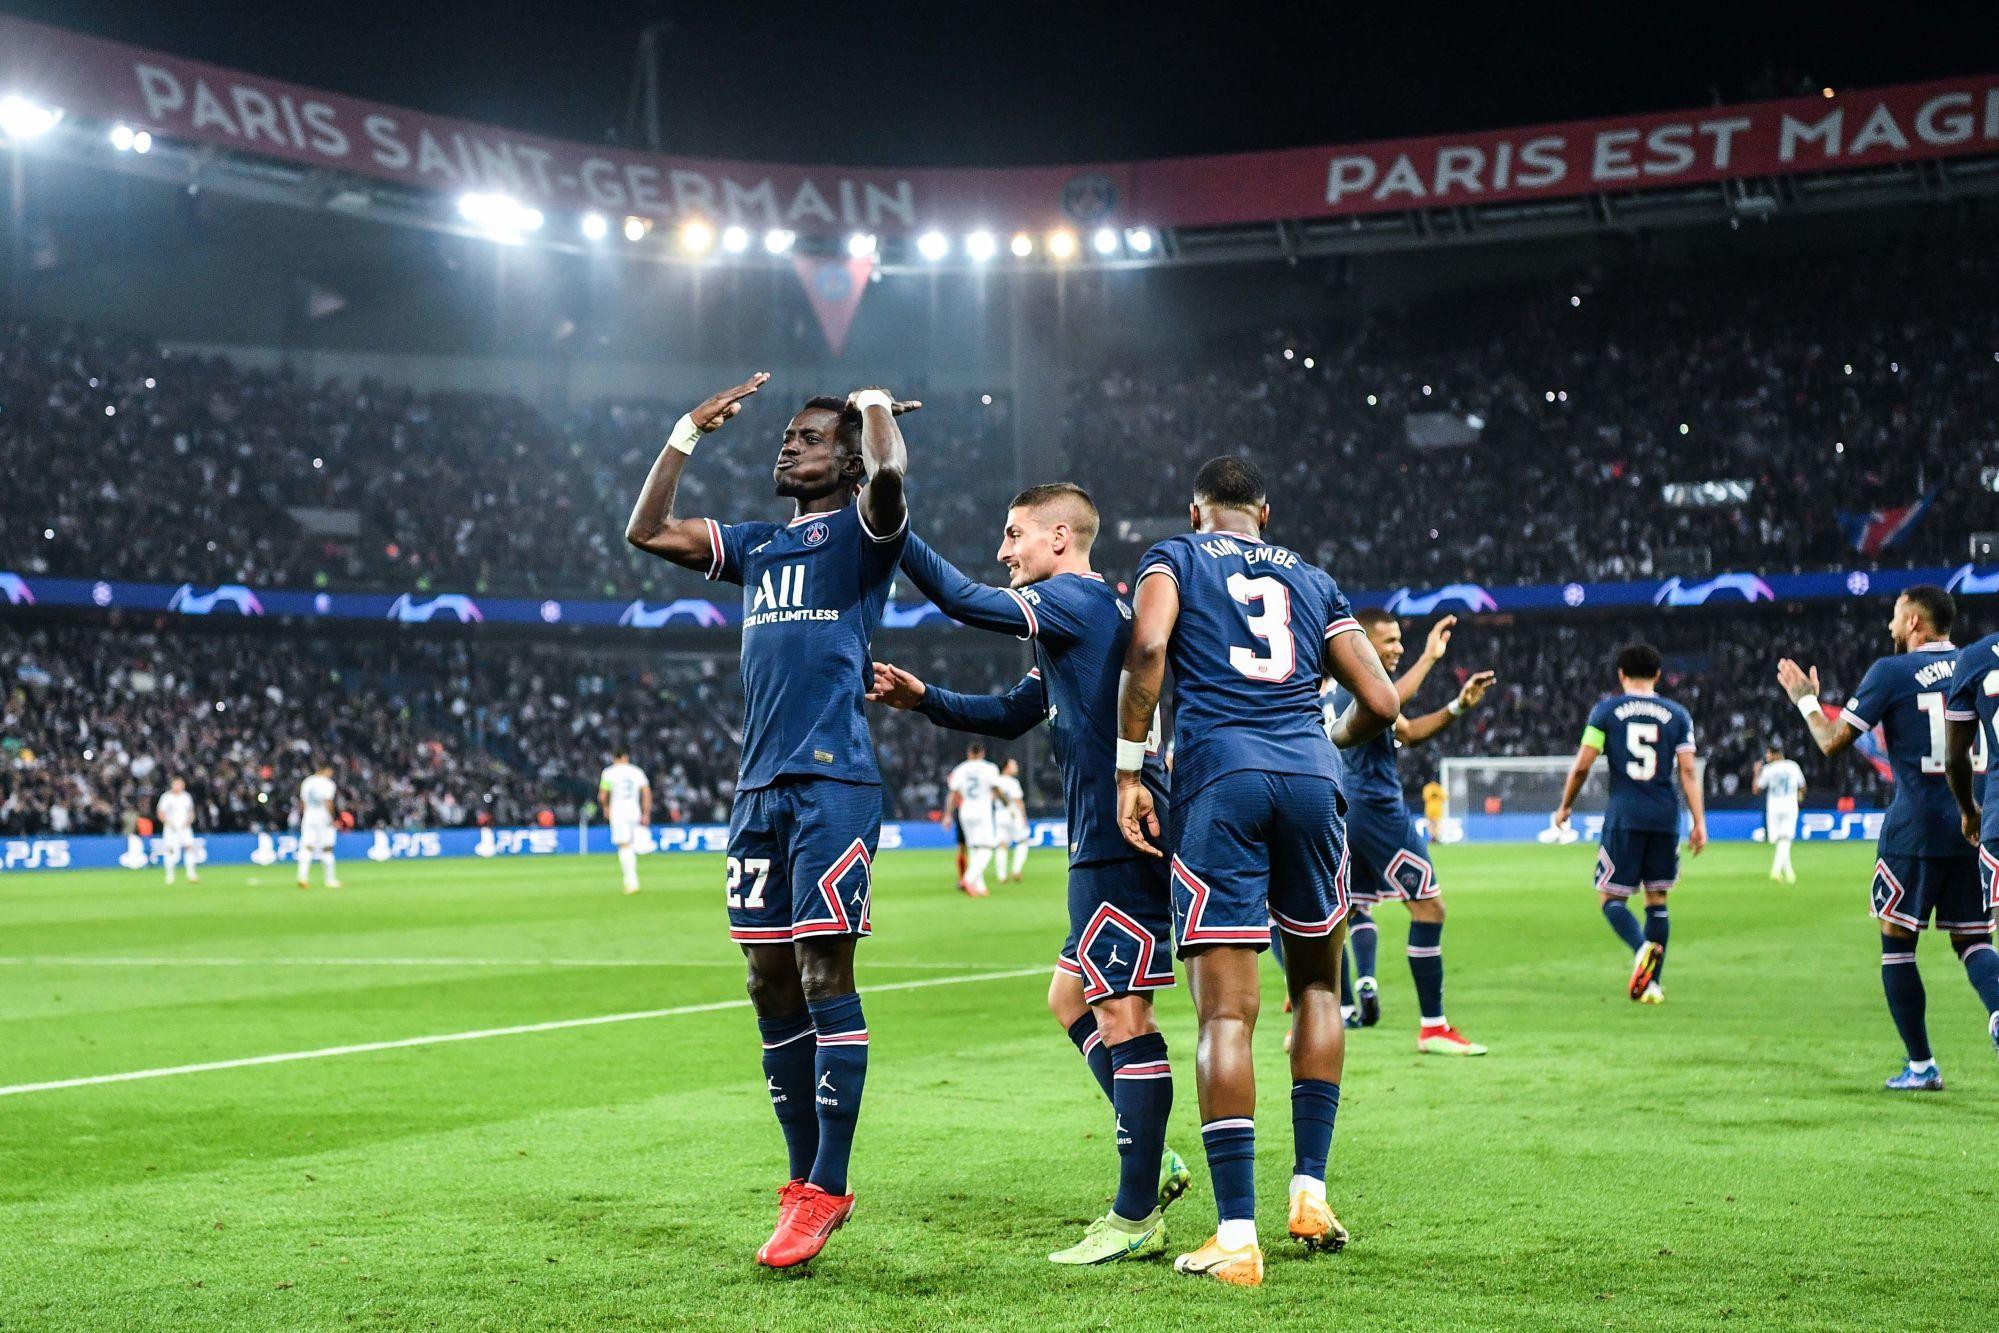 PSG/City - Les notes des Parisiens dans la presse : Gueye impressionne dans une belle équipe